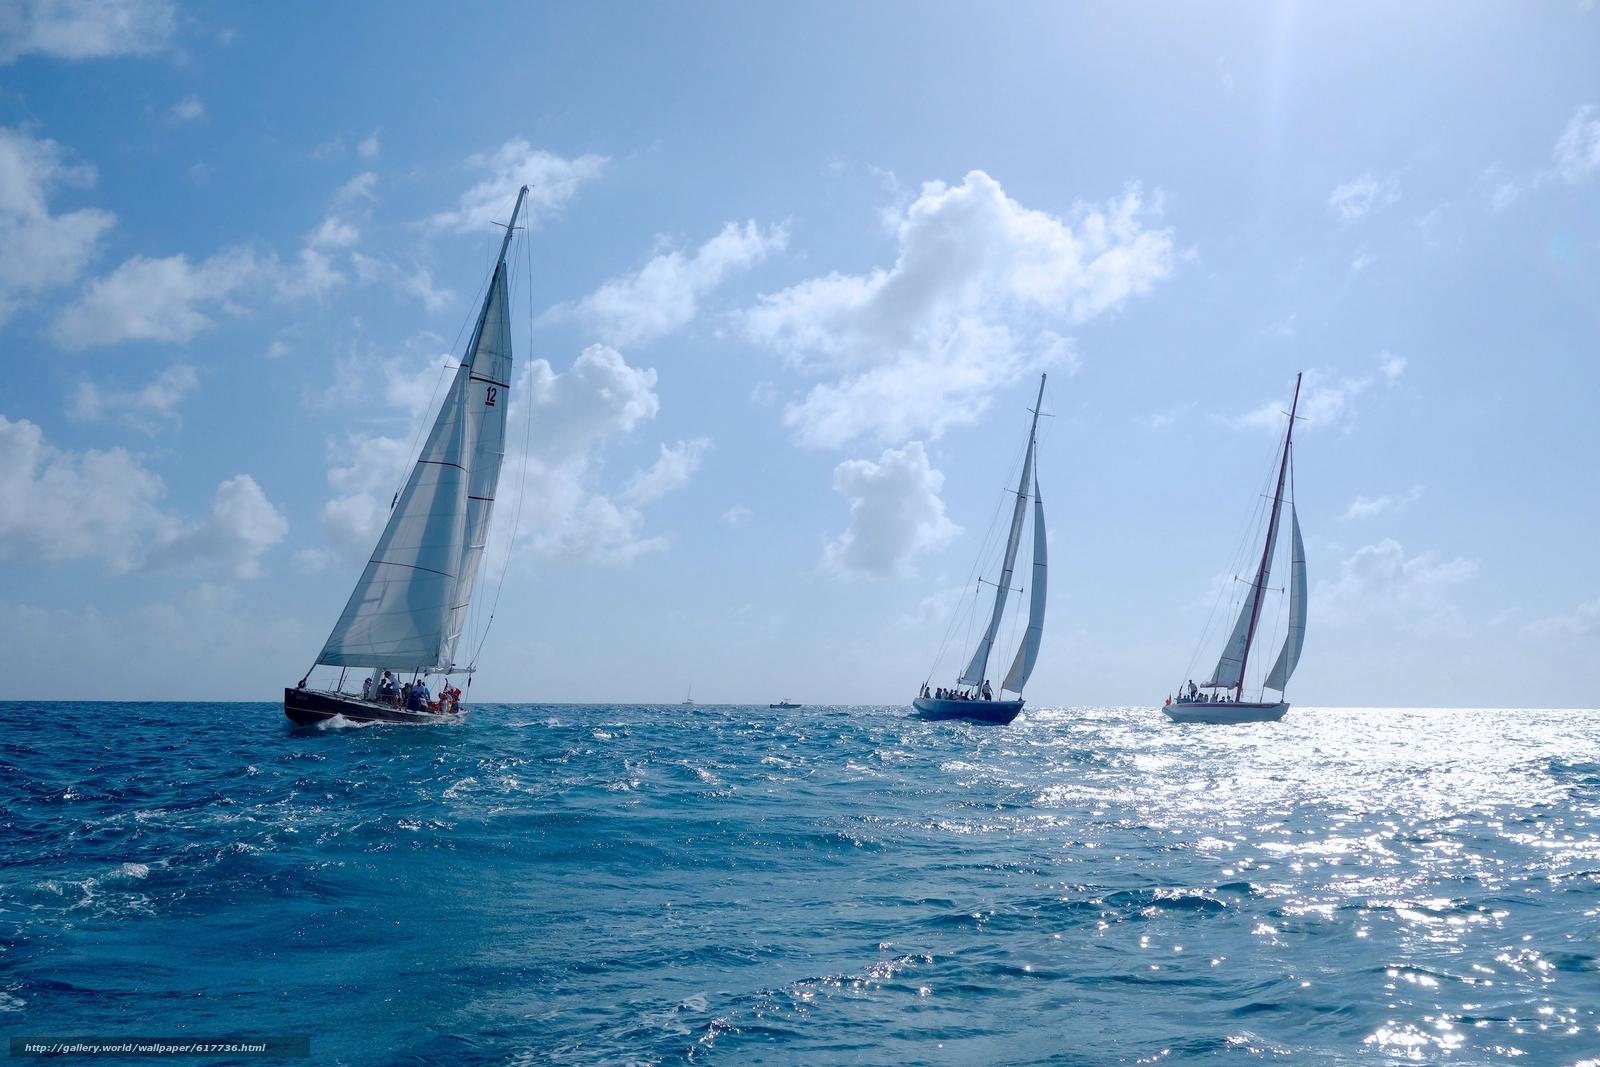 Скачать на телефон обои фото картинку на тему Sint Maarten, Caribbean Sea, Синт-Мартен, Карибское море, яхты, регата, море, разширение 3600x2400